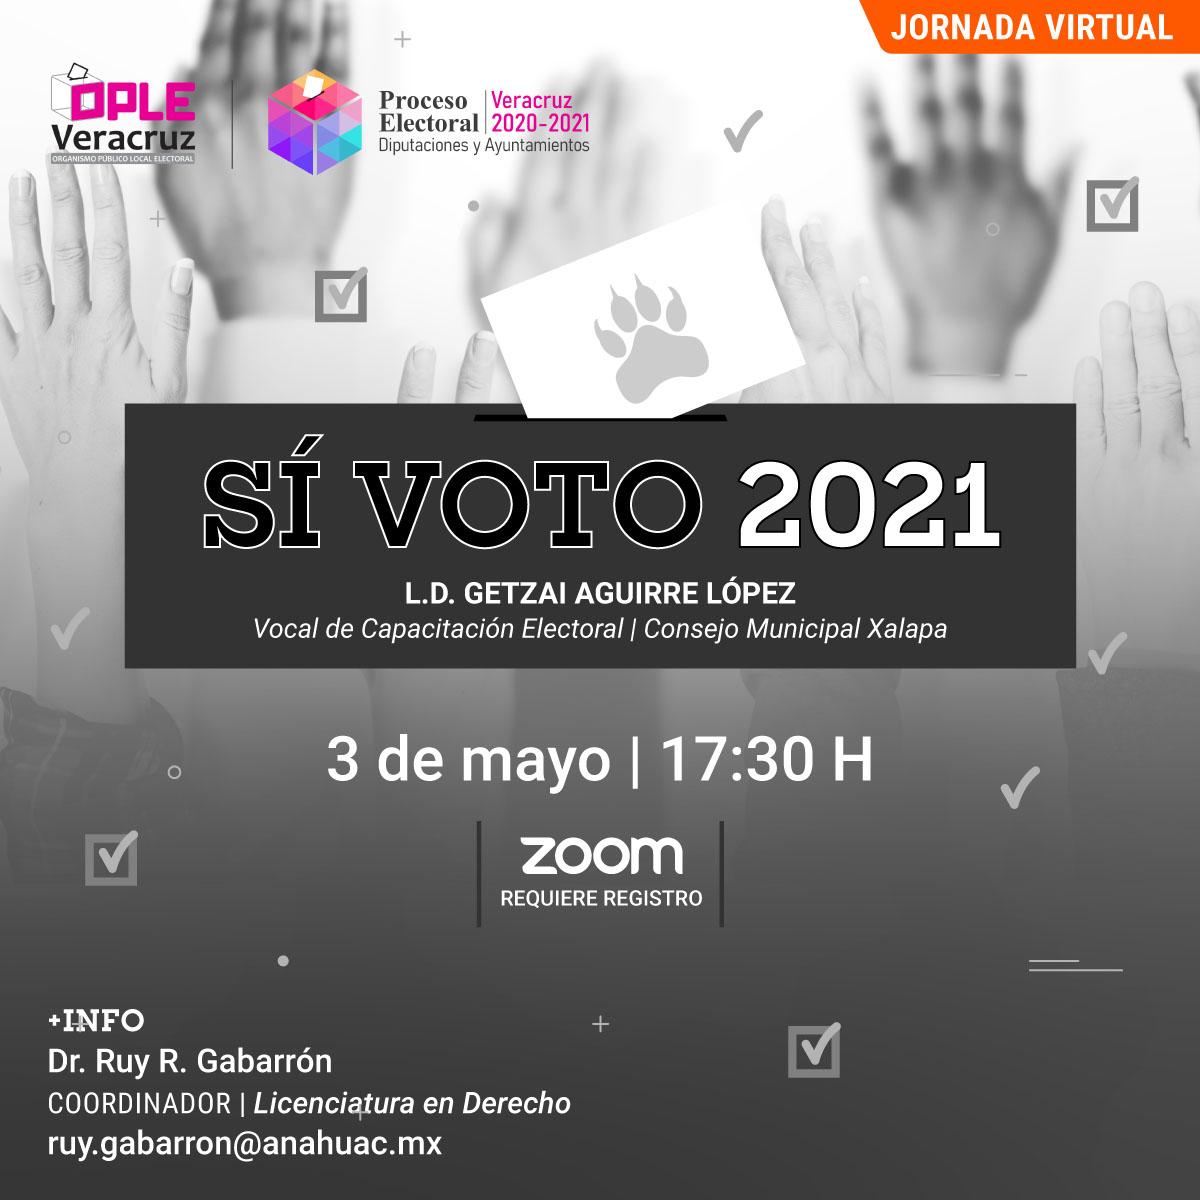 Sí Voto 2021